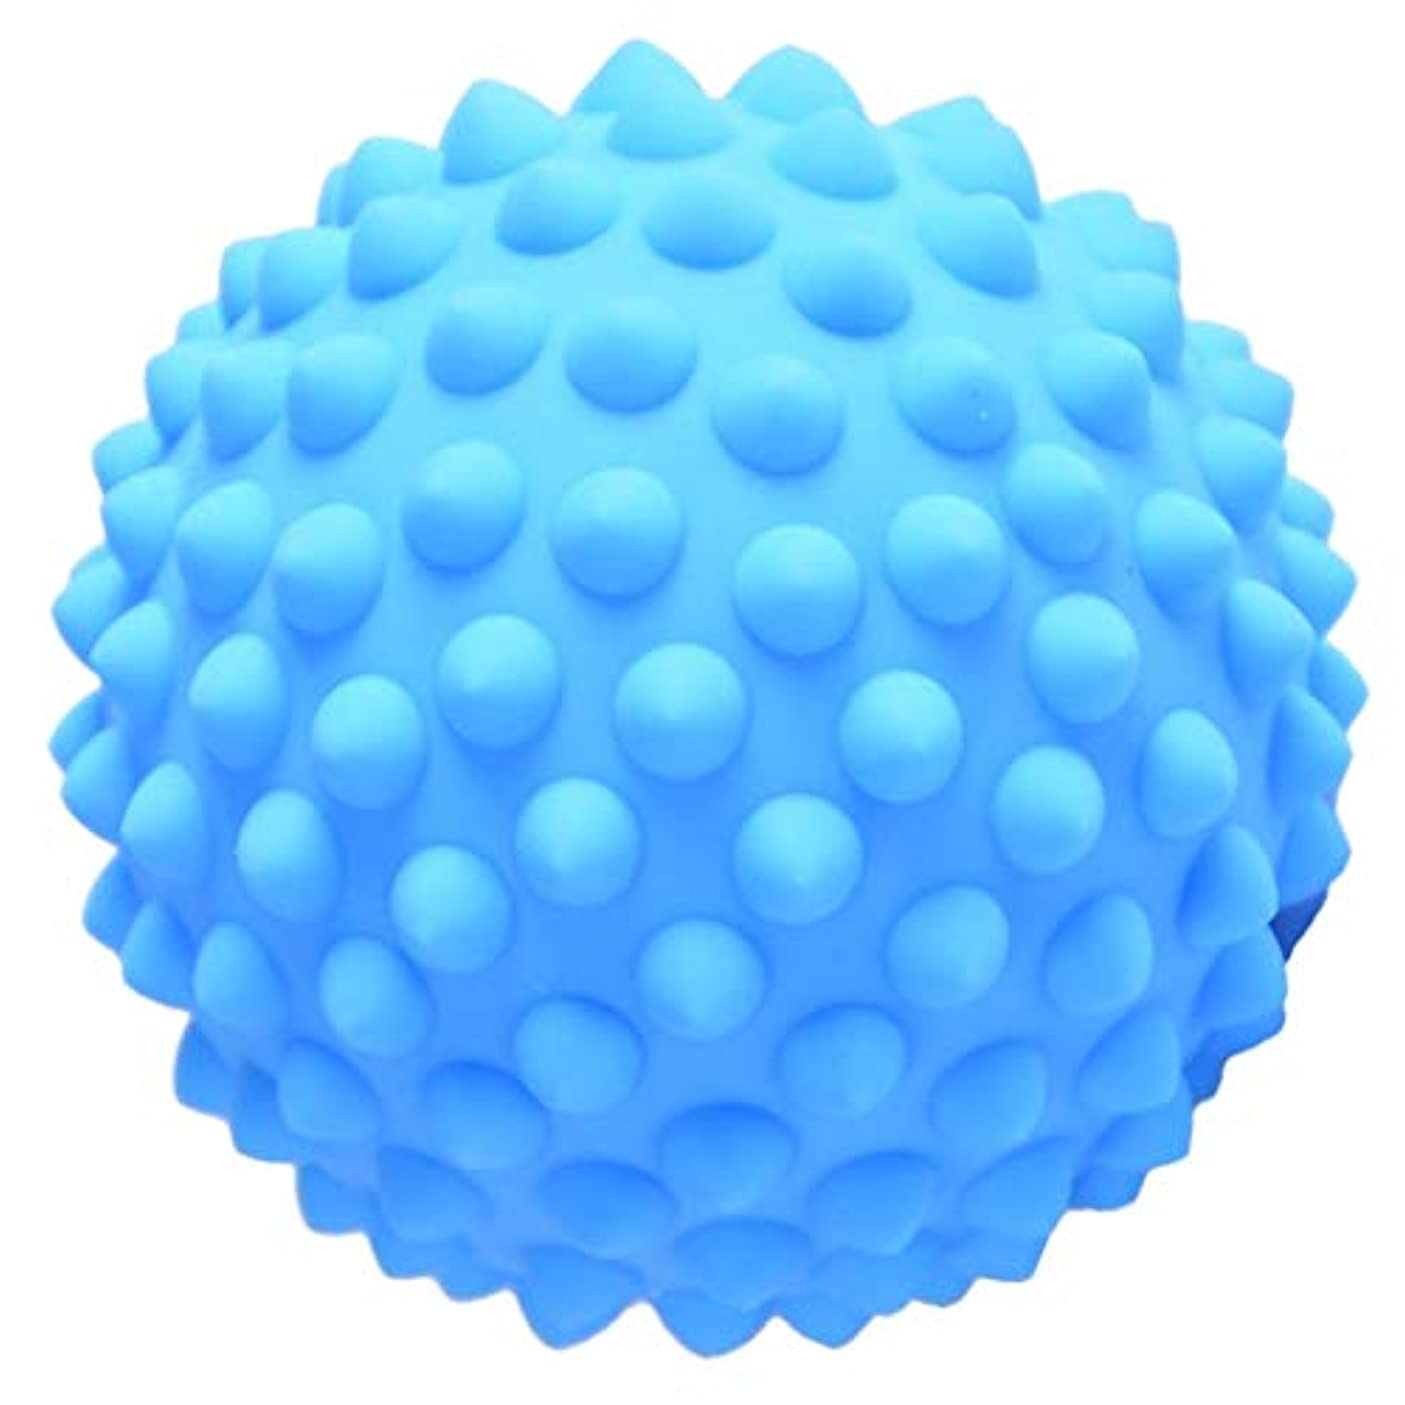 カイウス線瞬時にFLAMEER マッサージボール ポイントマッサージ ヨガ道具 3色選べ - 青, 説明のとおり